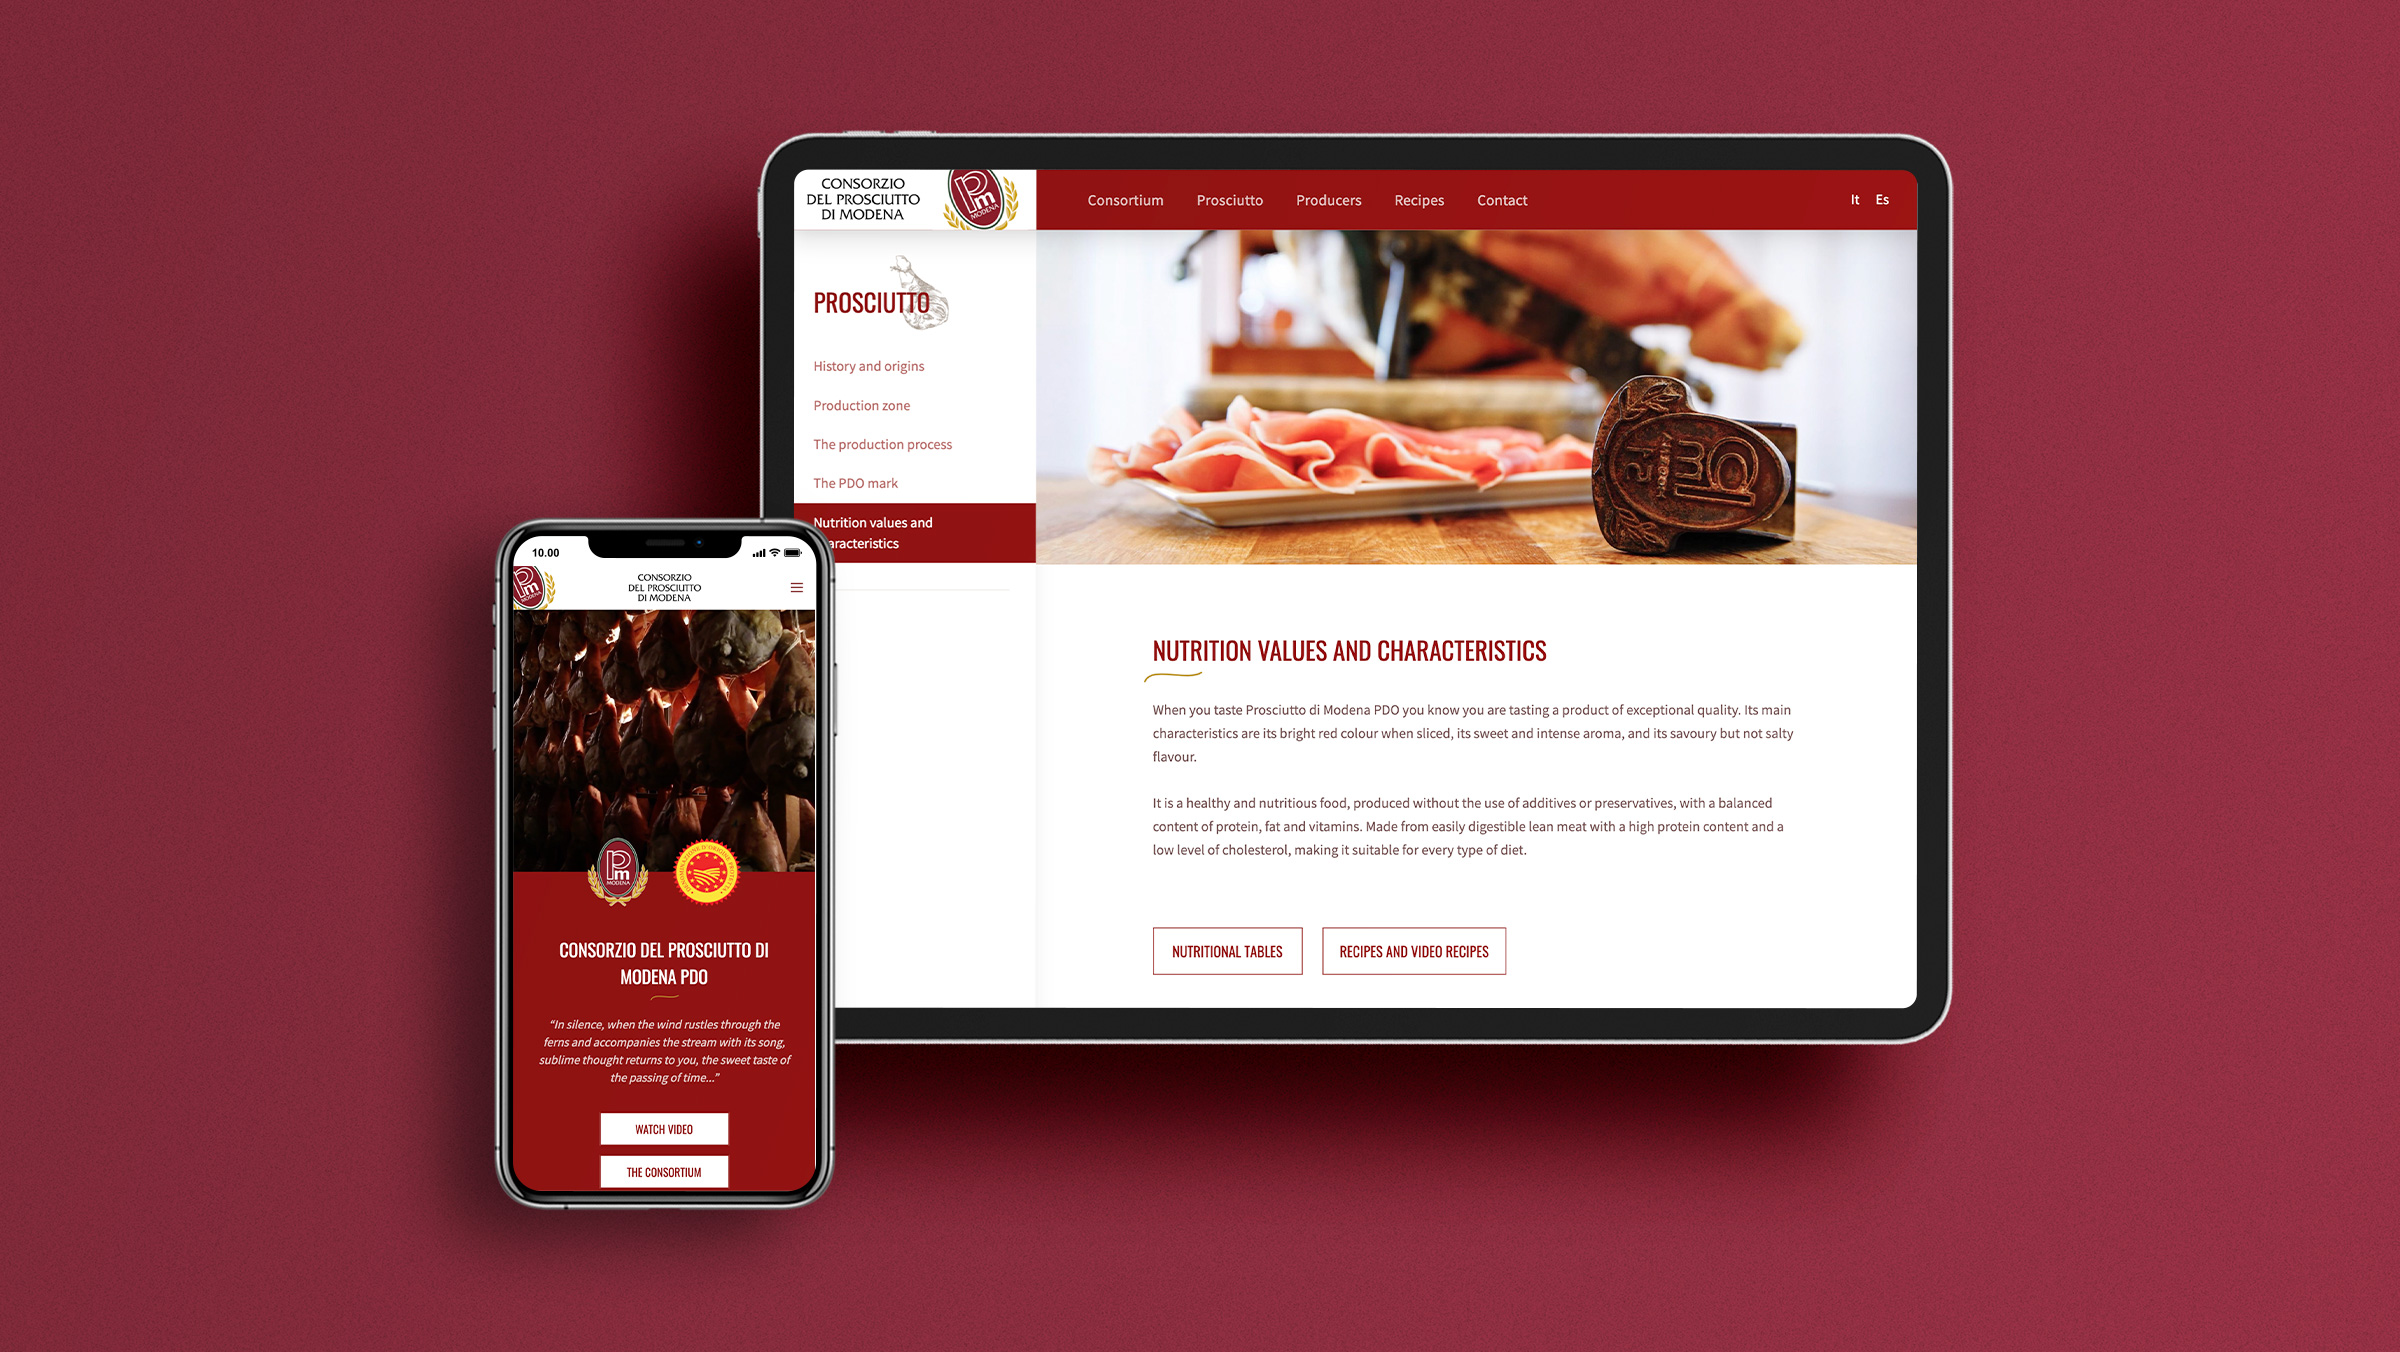 Pagine interne del nuovo sito del Consorzio del prosciutto di Modena